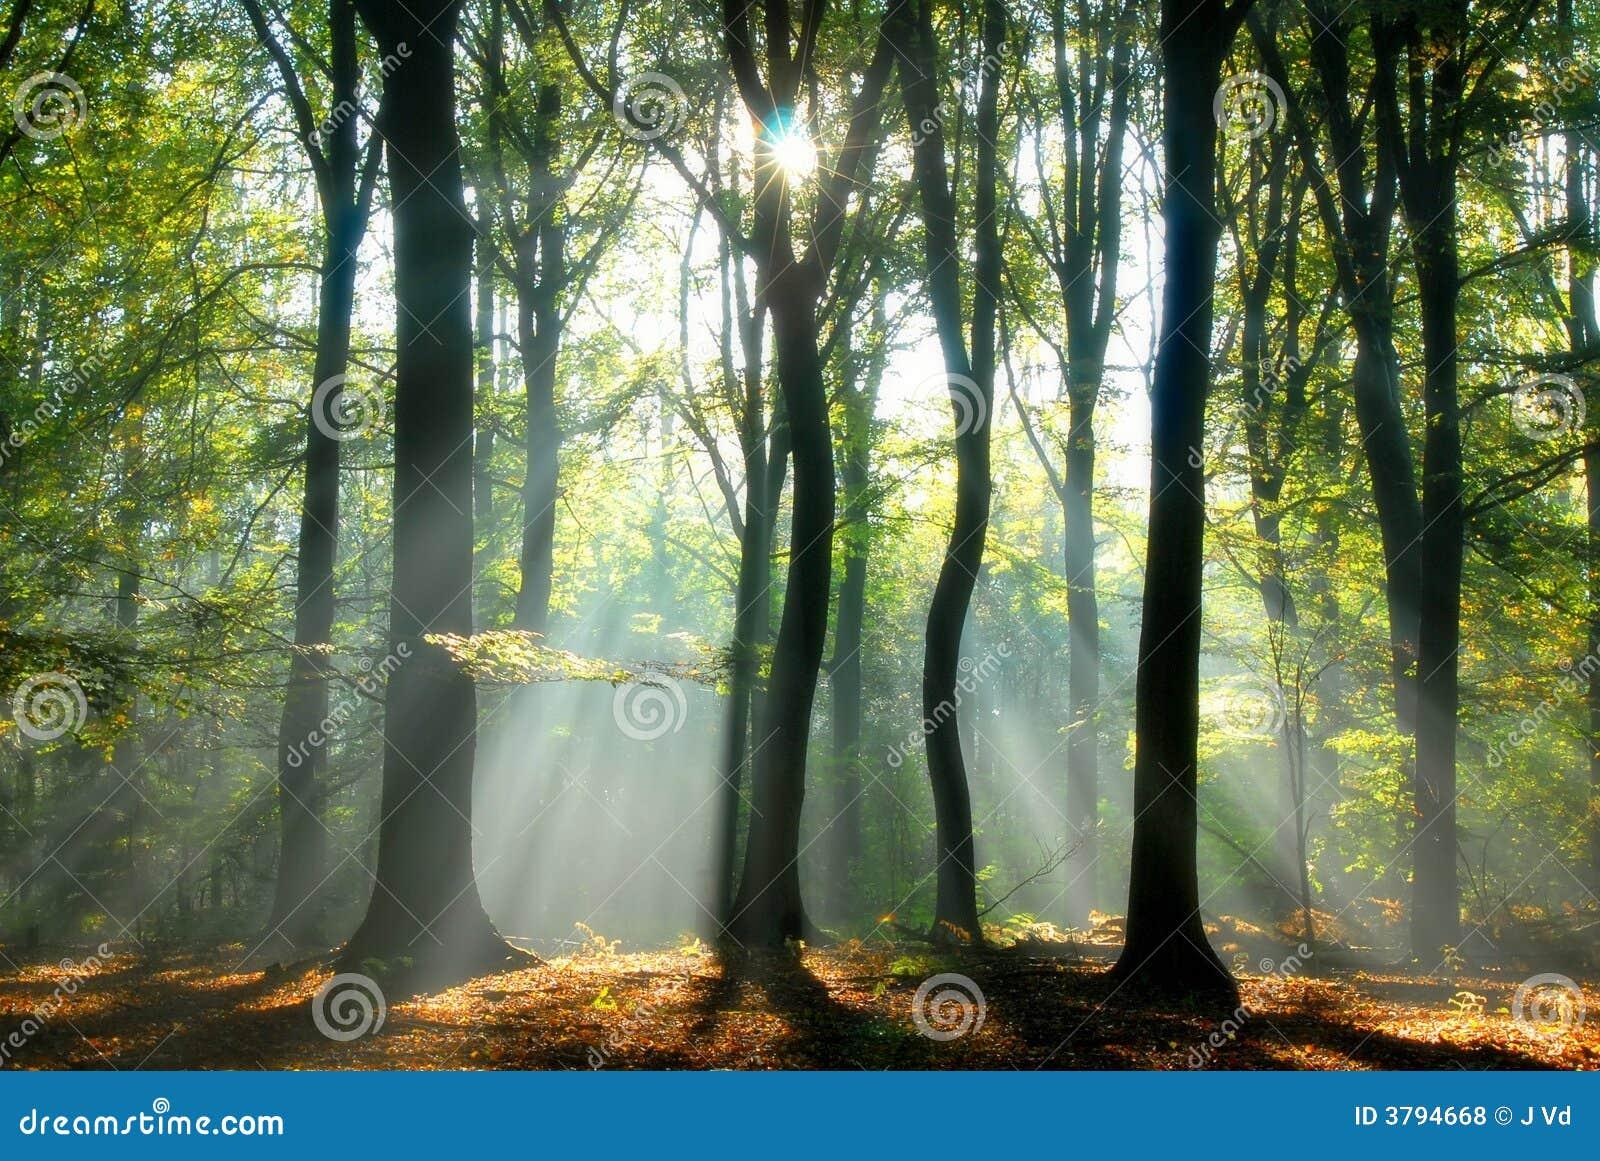 Los haces de luz vierten a través de los árboles